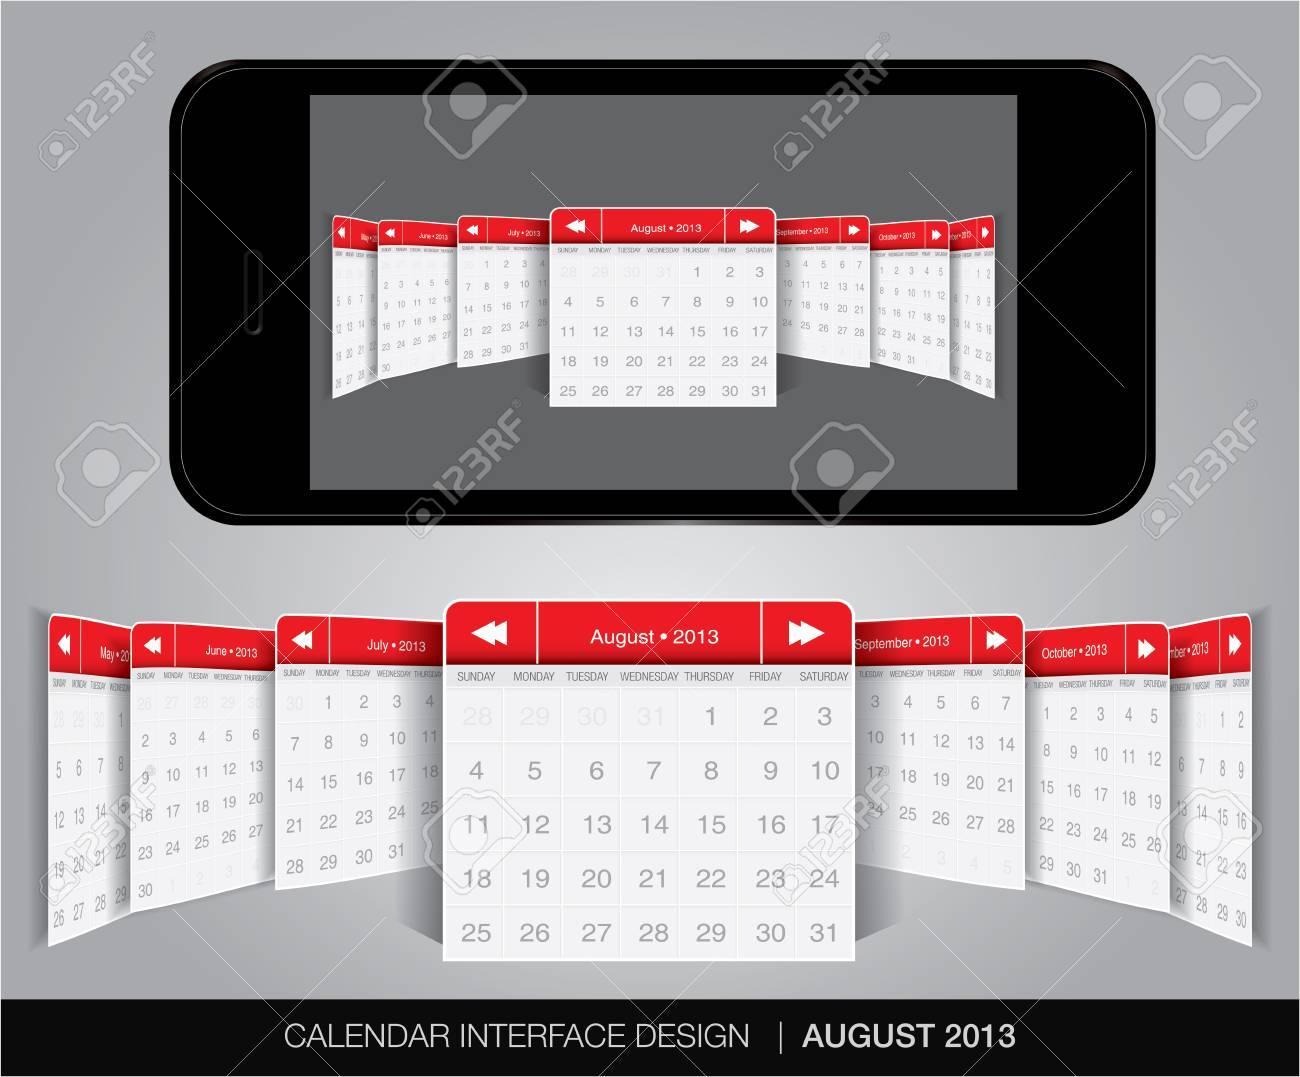 Calendar interface concept in editable vector format. Stock Vector - 20002108